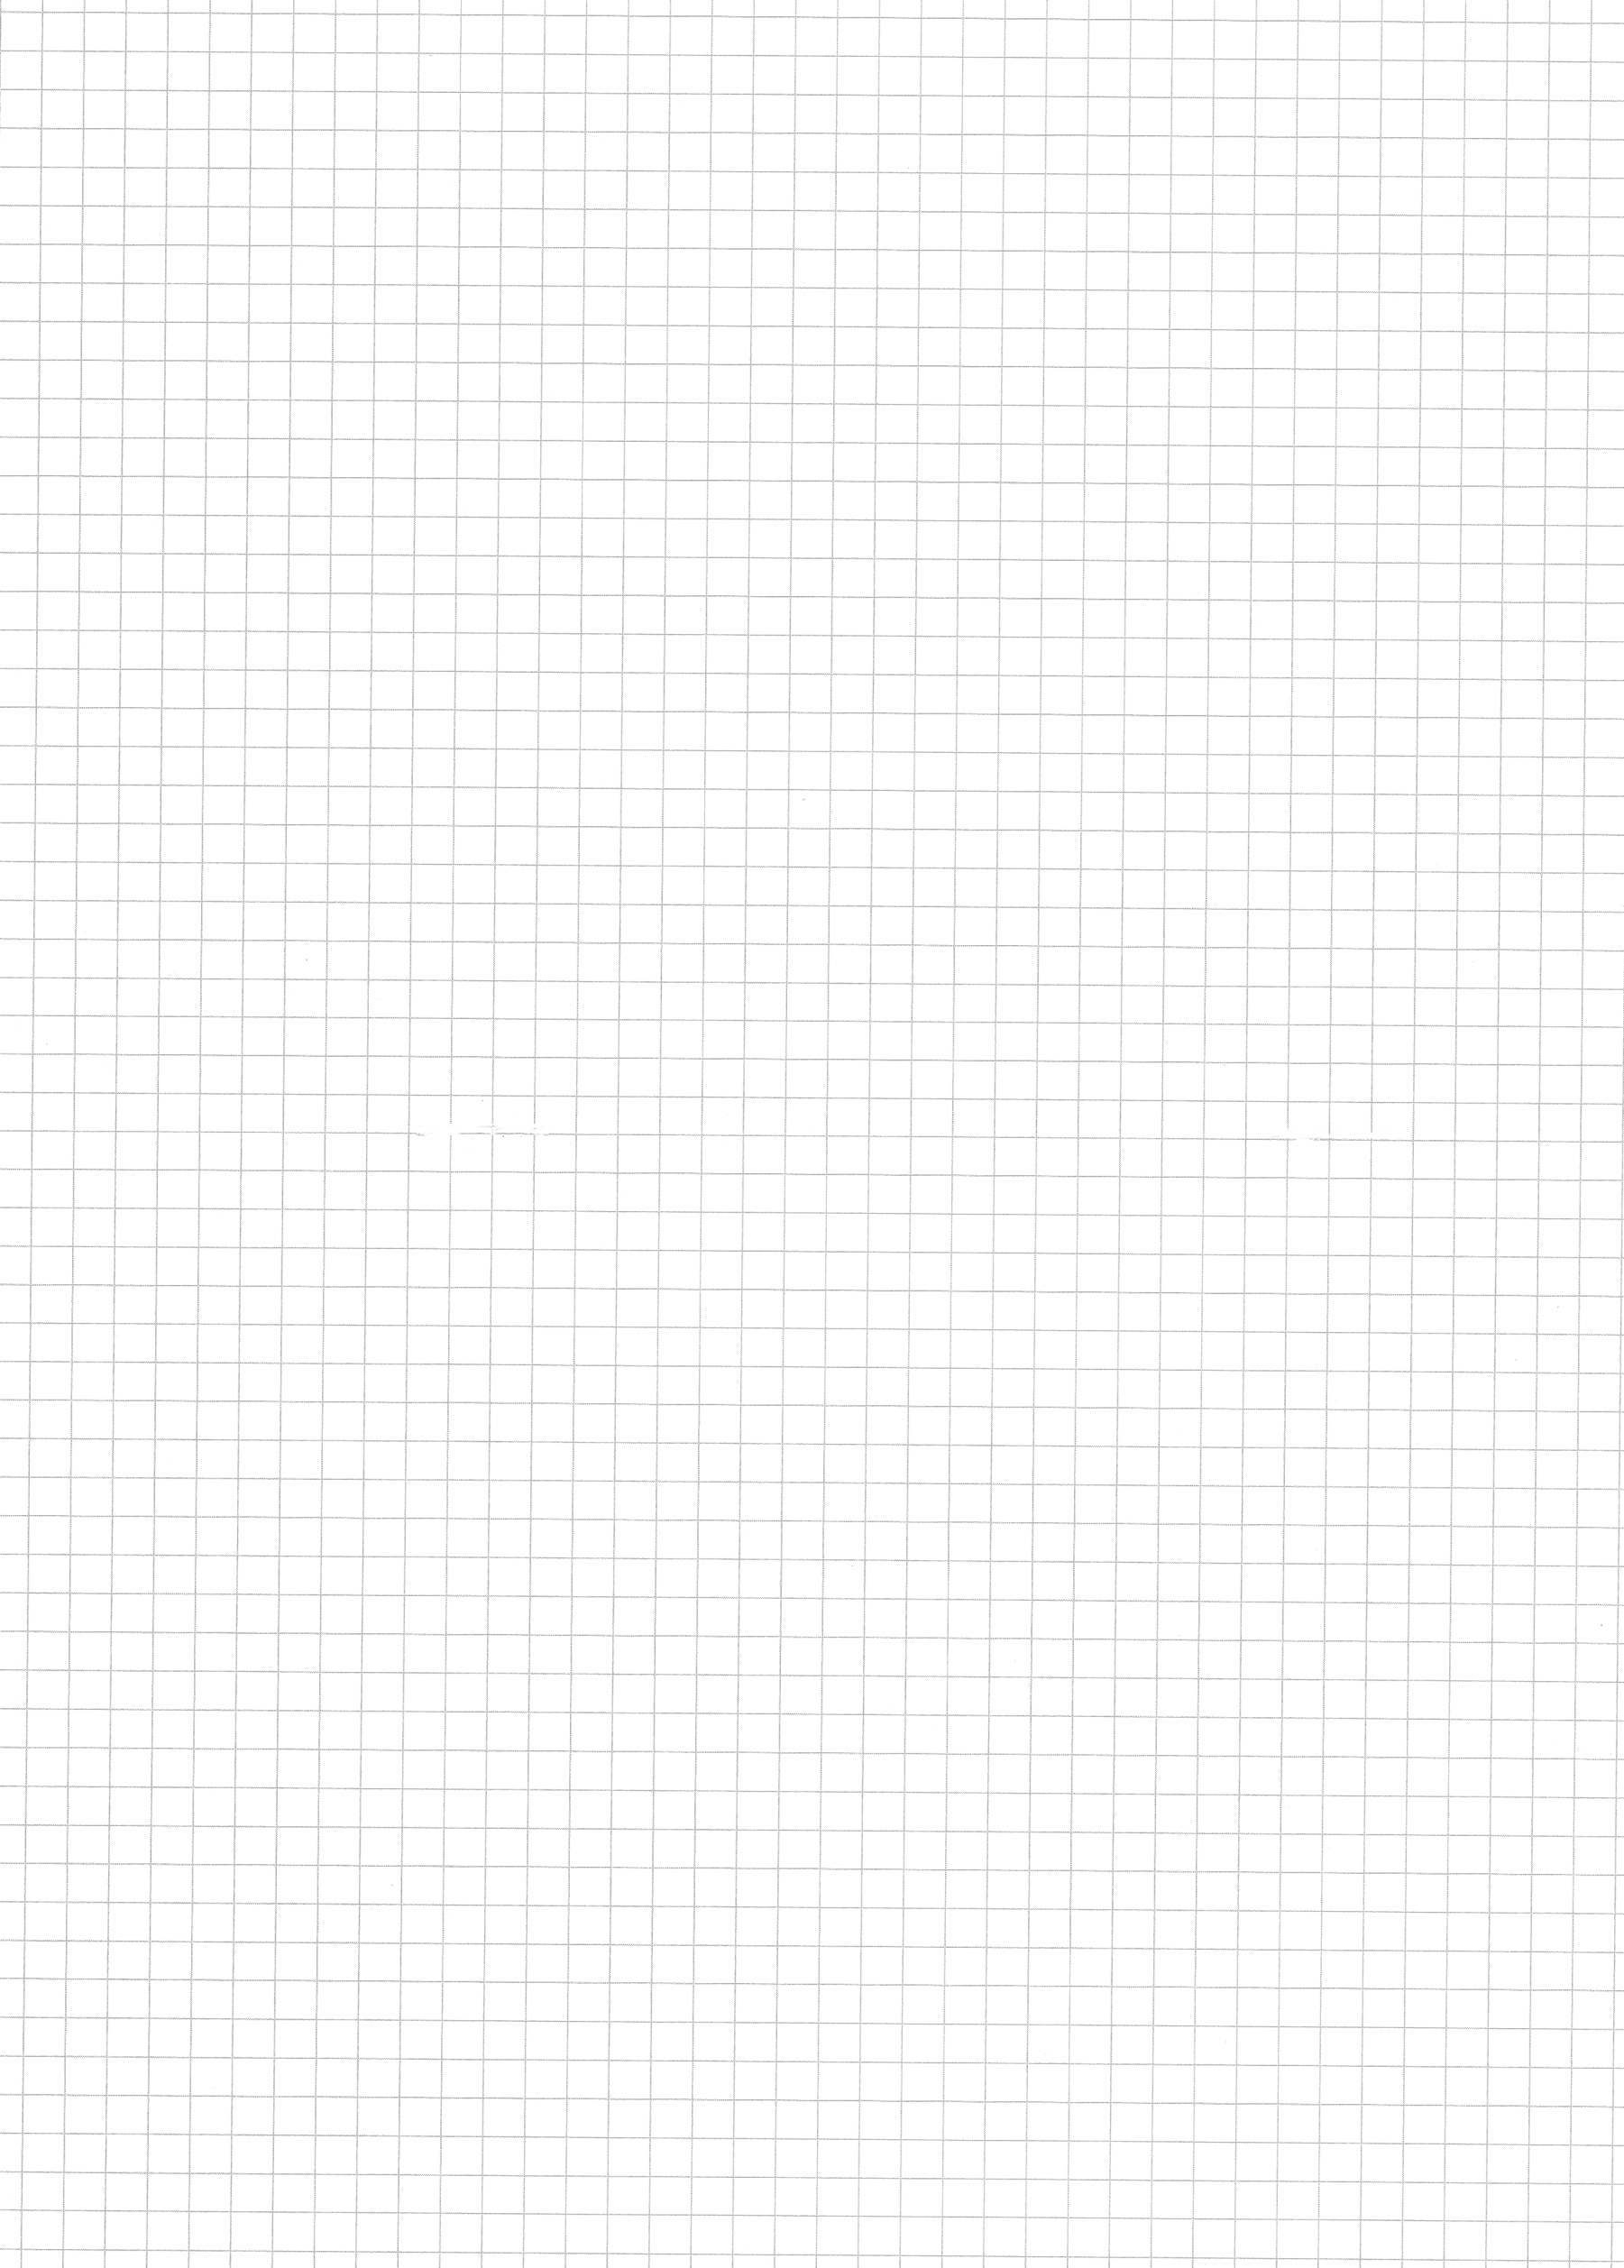 E:\Свои\Апа\ЭЛ ОКУЛЫК\Математика казак сынып\МАТЕМАТИКА\МАТЕМАТИКА. САБАК ЖОСПАРЫ. БАКЫЛАУ ЖУМЫСЫ. ТЕСТ\Бакылау жумыстары\Клетка баклау.jpg